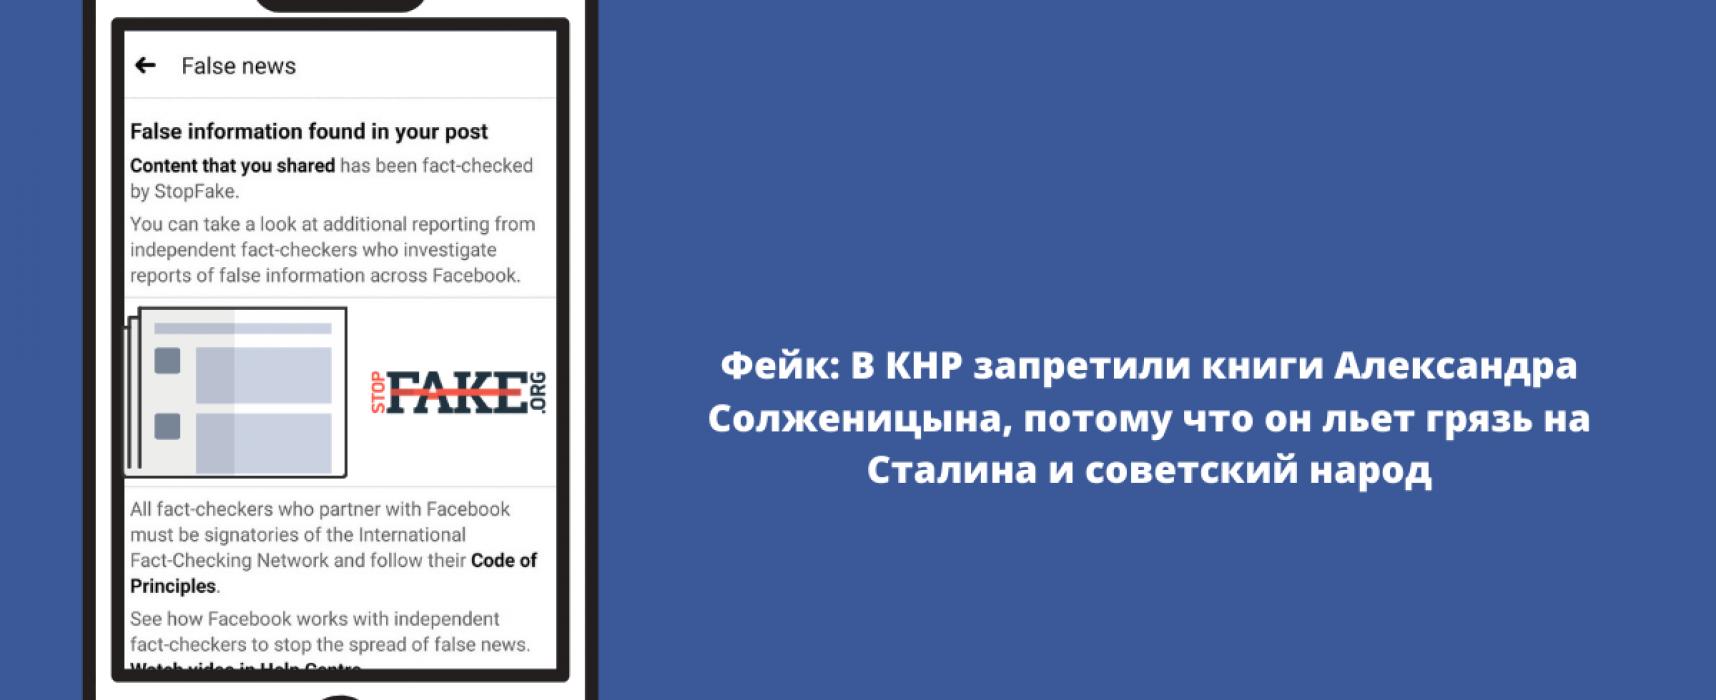 Фейк: В КНР запретили книги Александра Солженицына, потому что он льет грязь на Сталина и советский народ